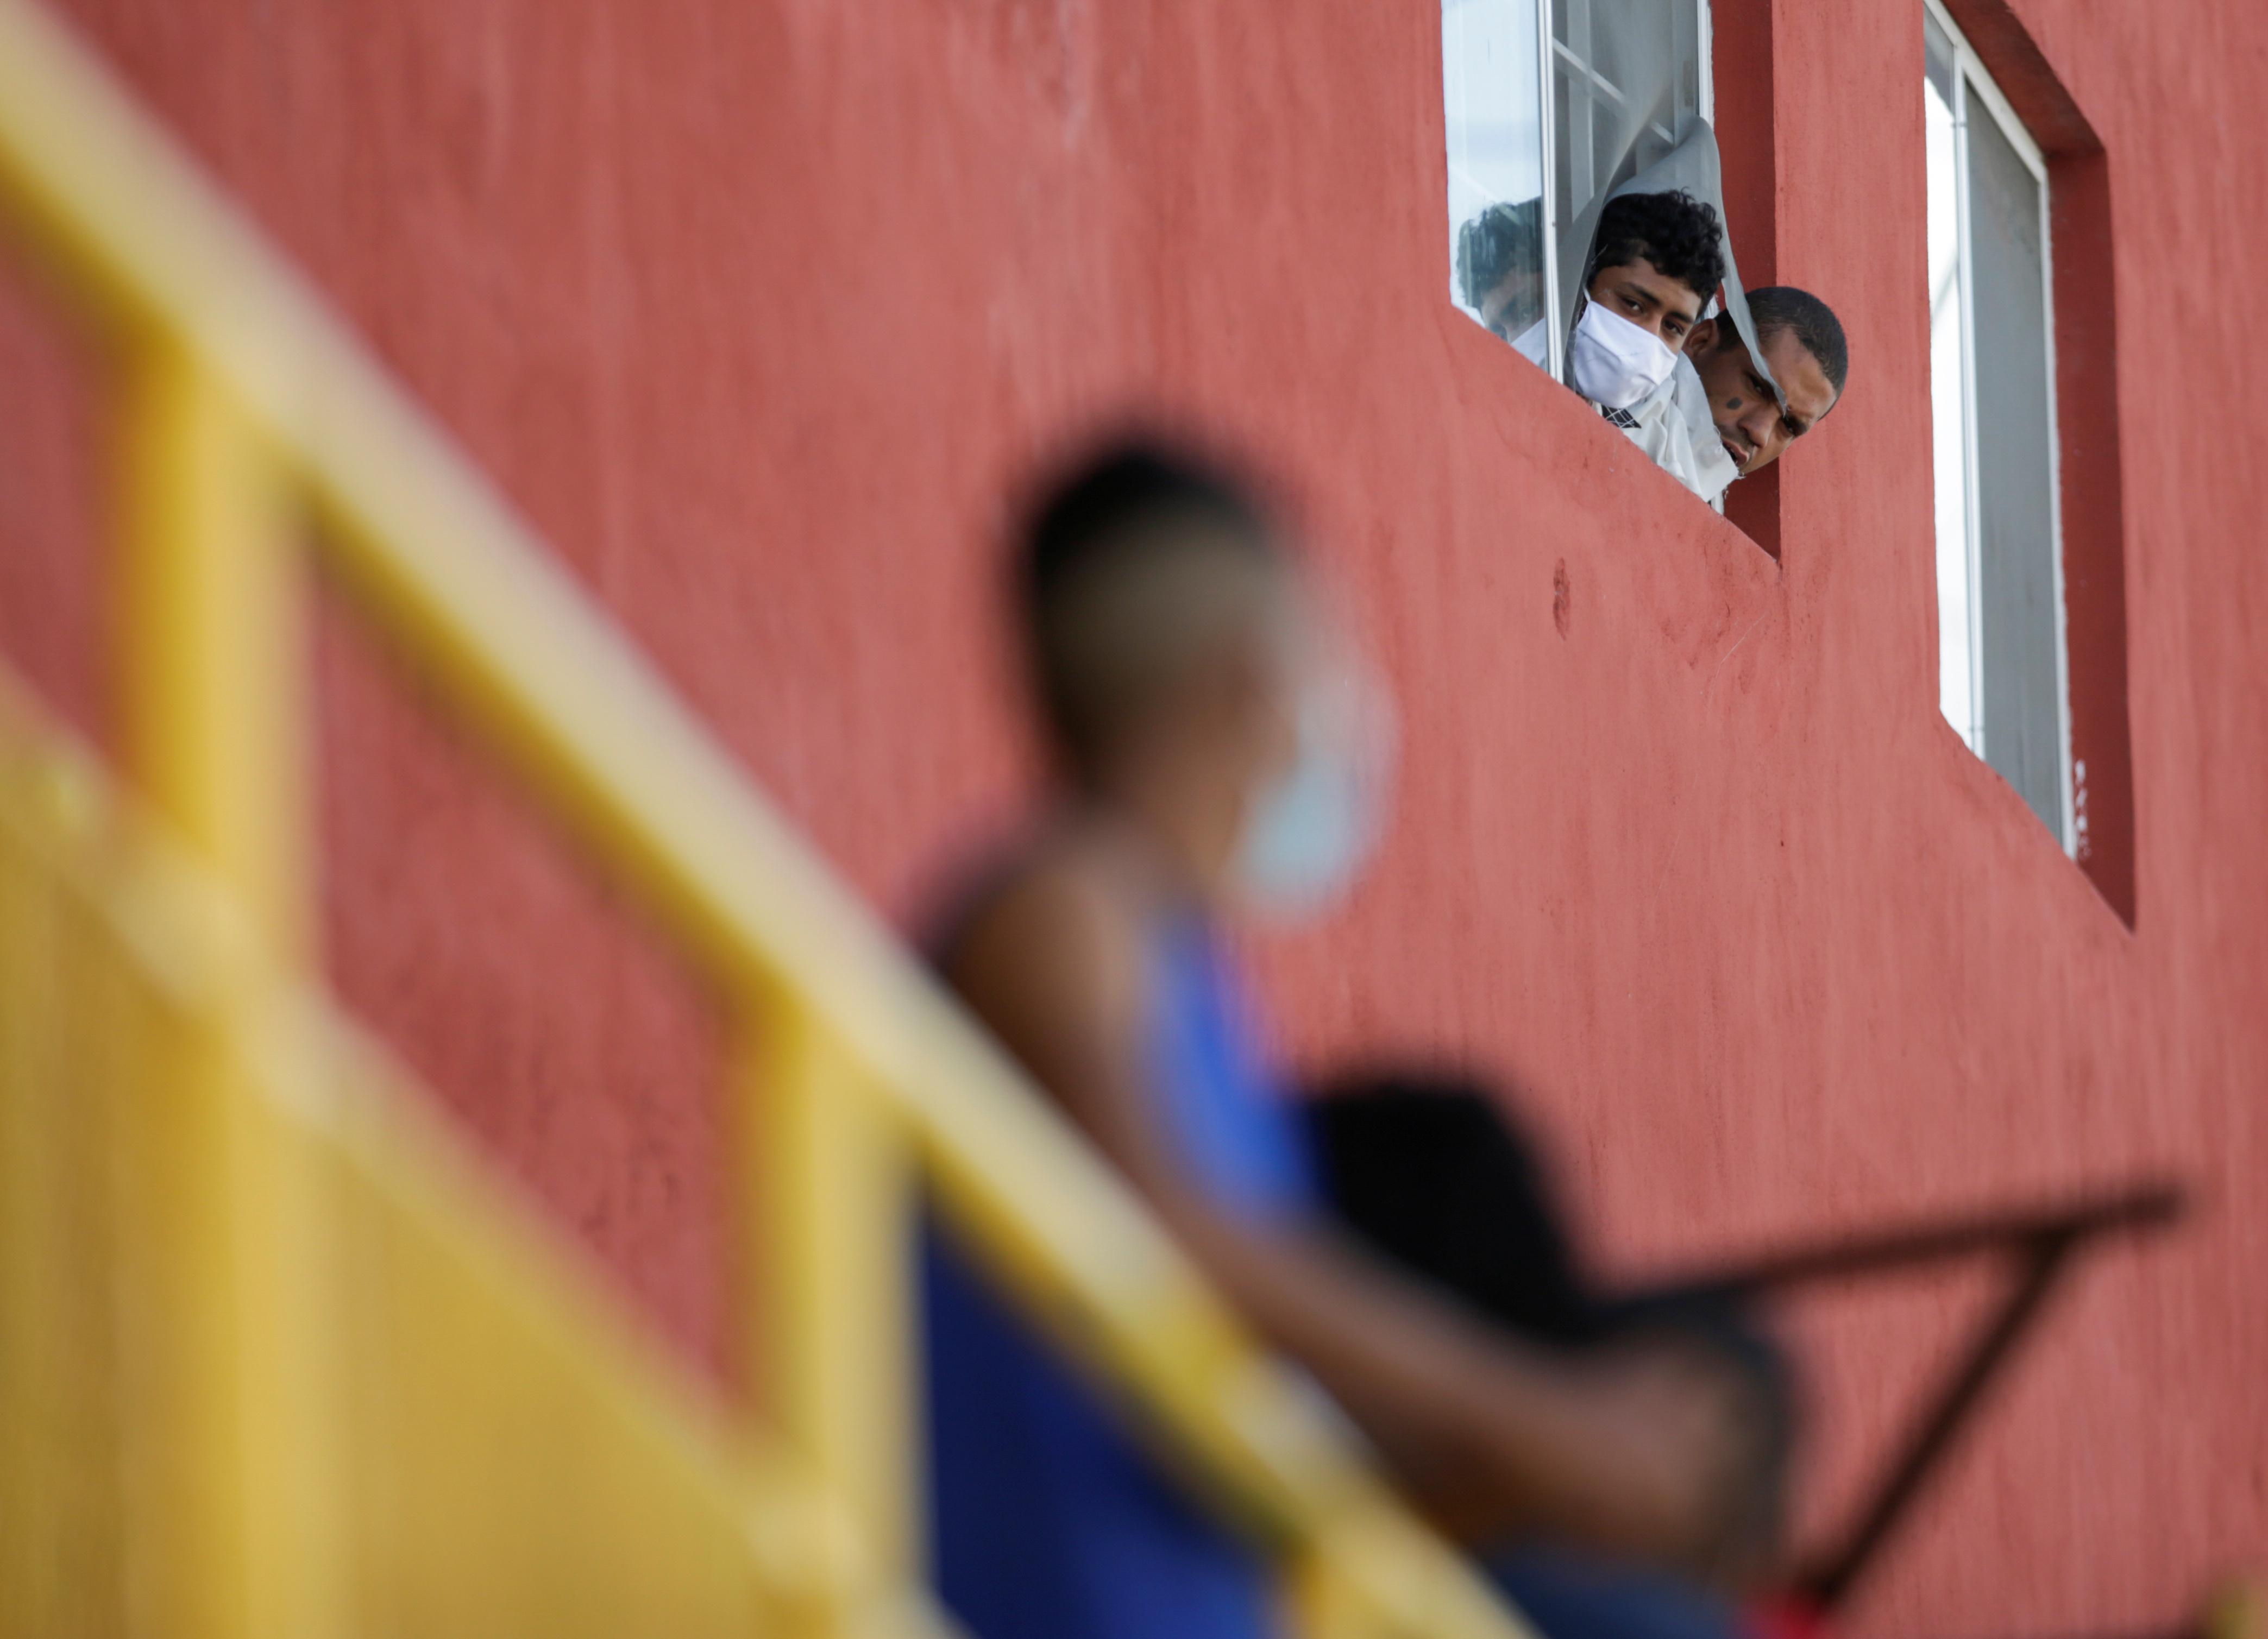 Los migrantes miran la calle desde una ventana en el refugio de migrantes